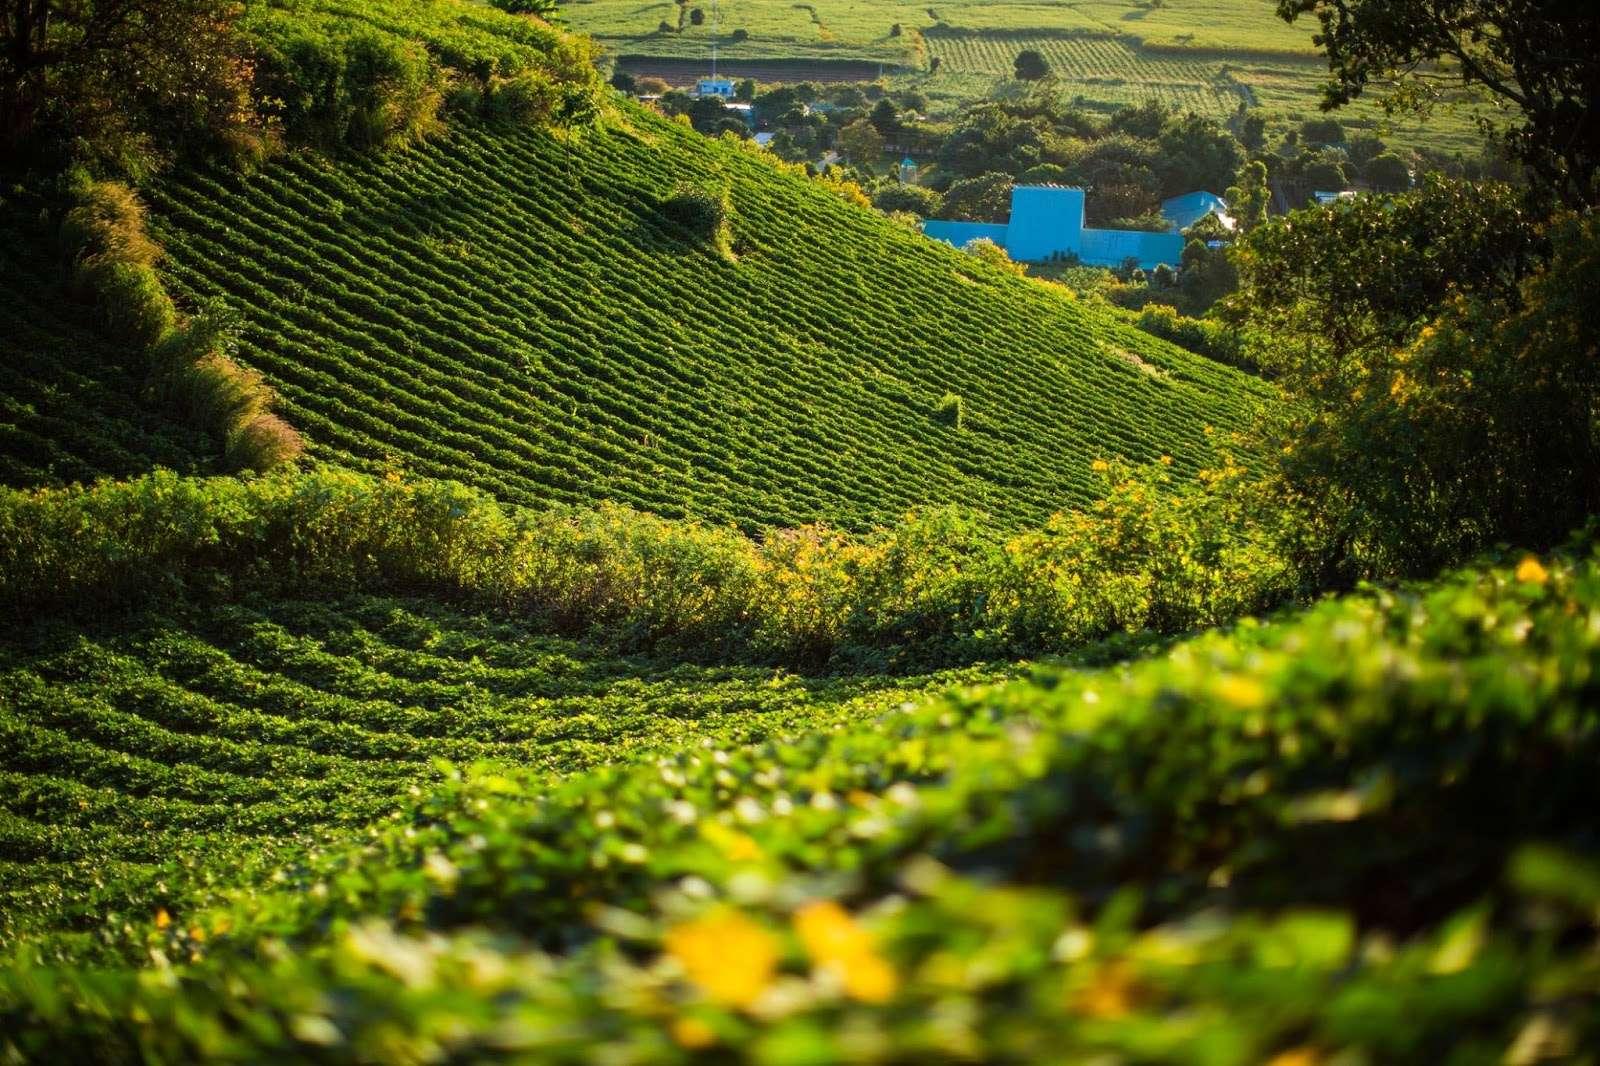 Du lịch việt nam giá rẻ đừng quên đến Núi Chư Đăng Ya mùa hoa dã quỳ